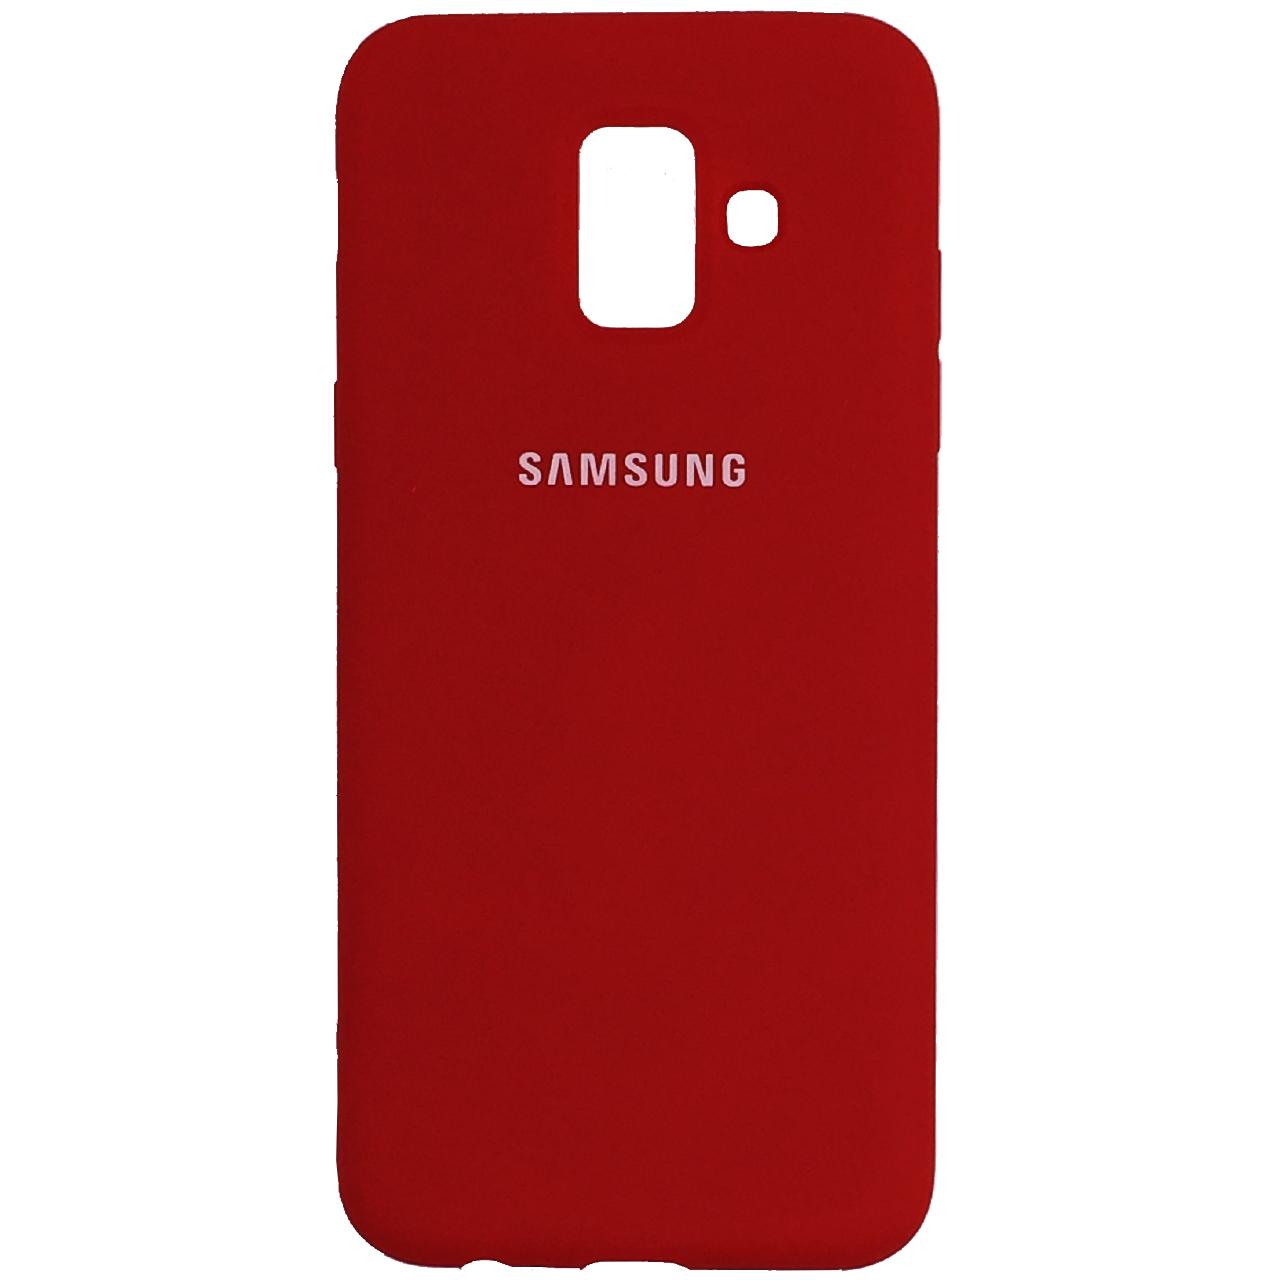 کاور سیلیکونی مدل زیر بسته مناسب برای گوشی موبایل سامسونگ A6              ( قیمت و خرید)